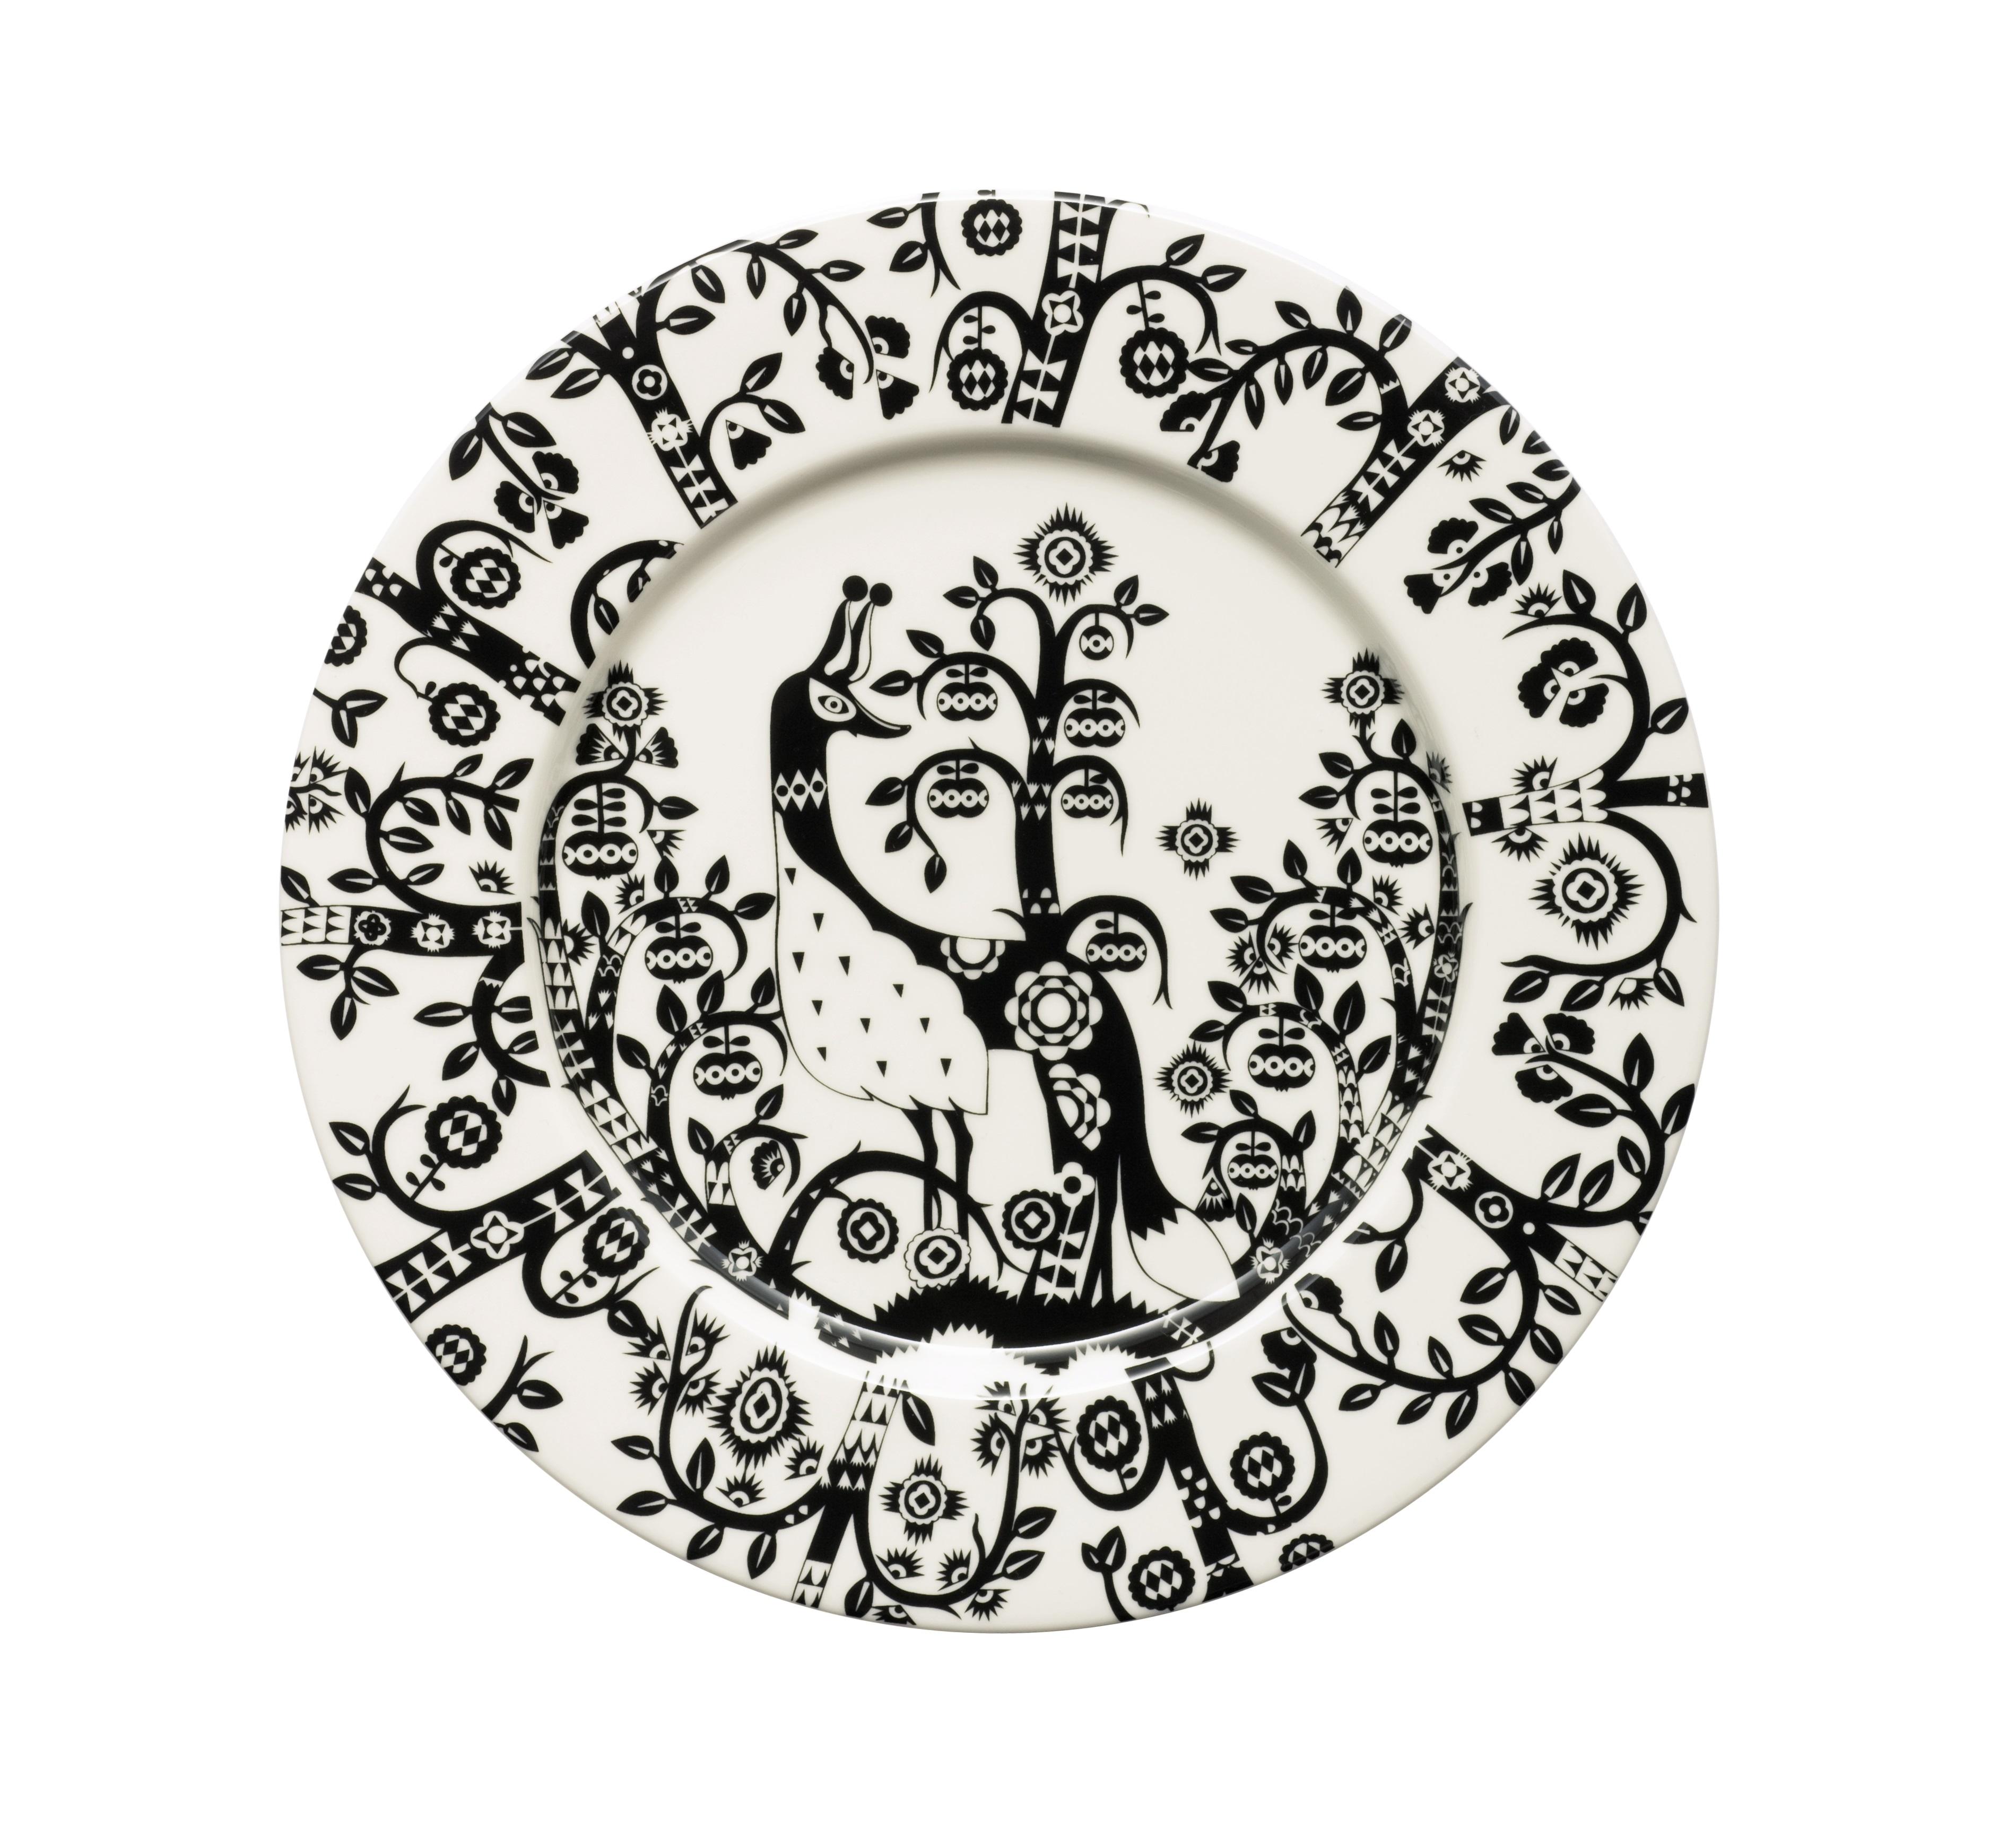 Тарелка TaikaТарелки<br>На финском языке Taika означает «волшебство». Знаменитый финиский дизайнер и иллюстратор Klaus Haapaniemi хочет, чтобы его иллюстрации дали толчок вашему воображению. В сочетании с другими сериями Iittala, Taika позволяет прикоснуться к миру фантазии, впустить волшебство в нашу повседневную жизнь.<br><br>Material: Фарфор<br>Length см: None<br>Width см: None<br>Depth см: None<br>Height см: 1<br>Diameter см: 22